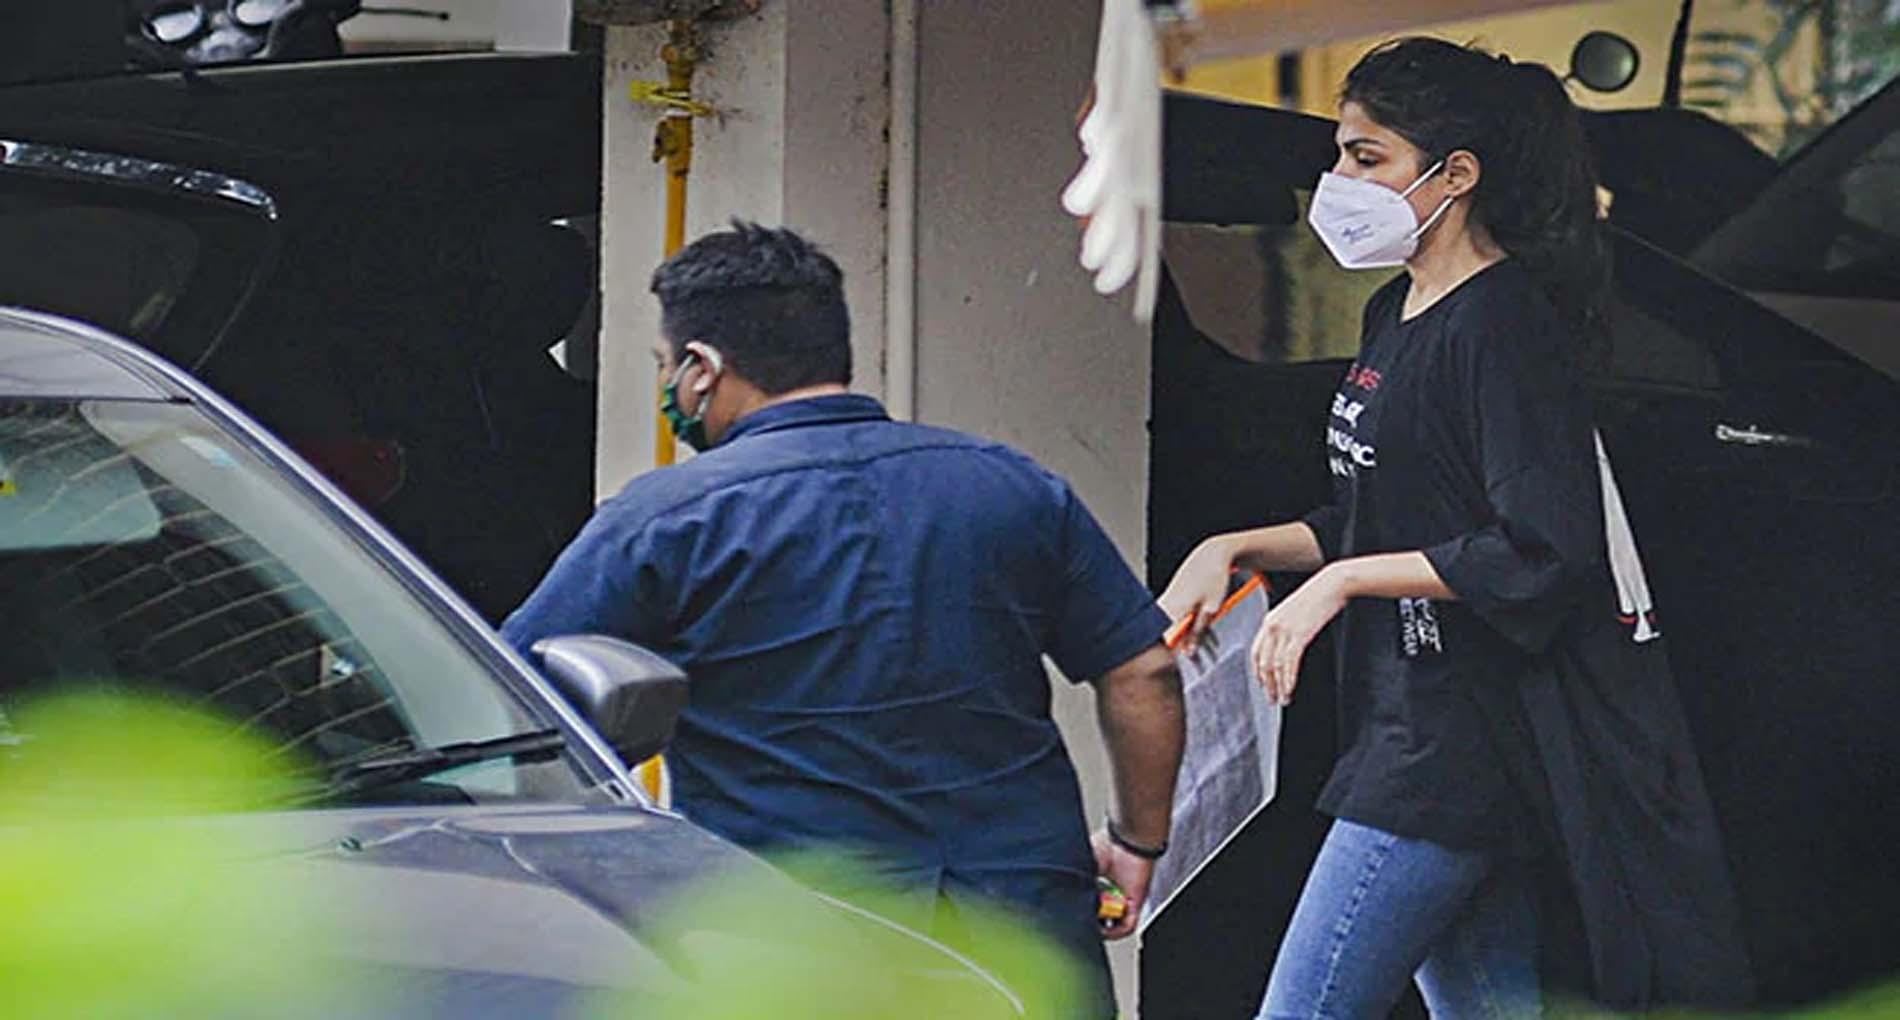 रिया चक्रवर्ती गिरफ्तार, एक्ट्रेस ने NCB के सामने कुबूली ड्रग्स लेने की बात